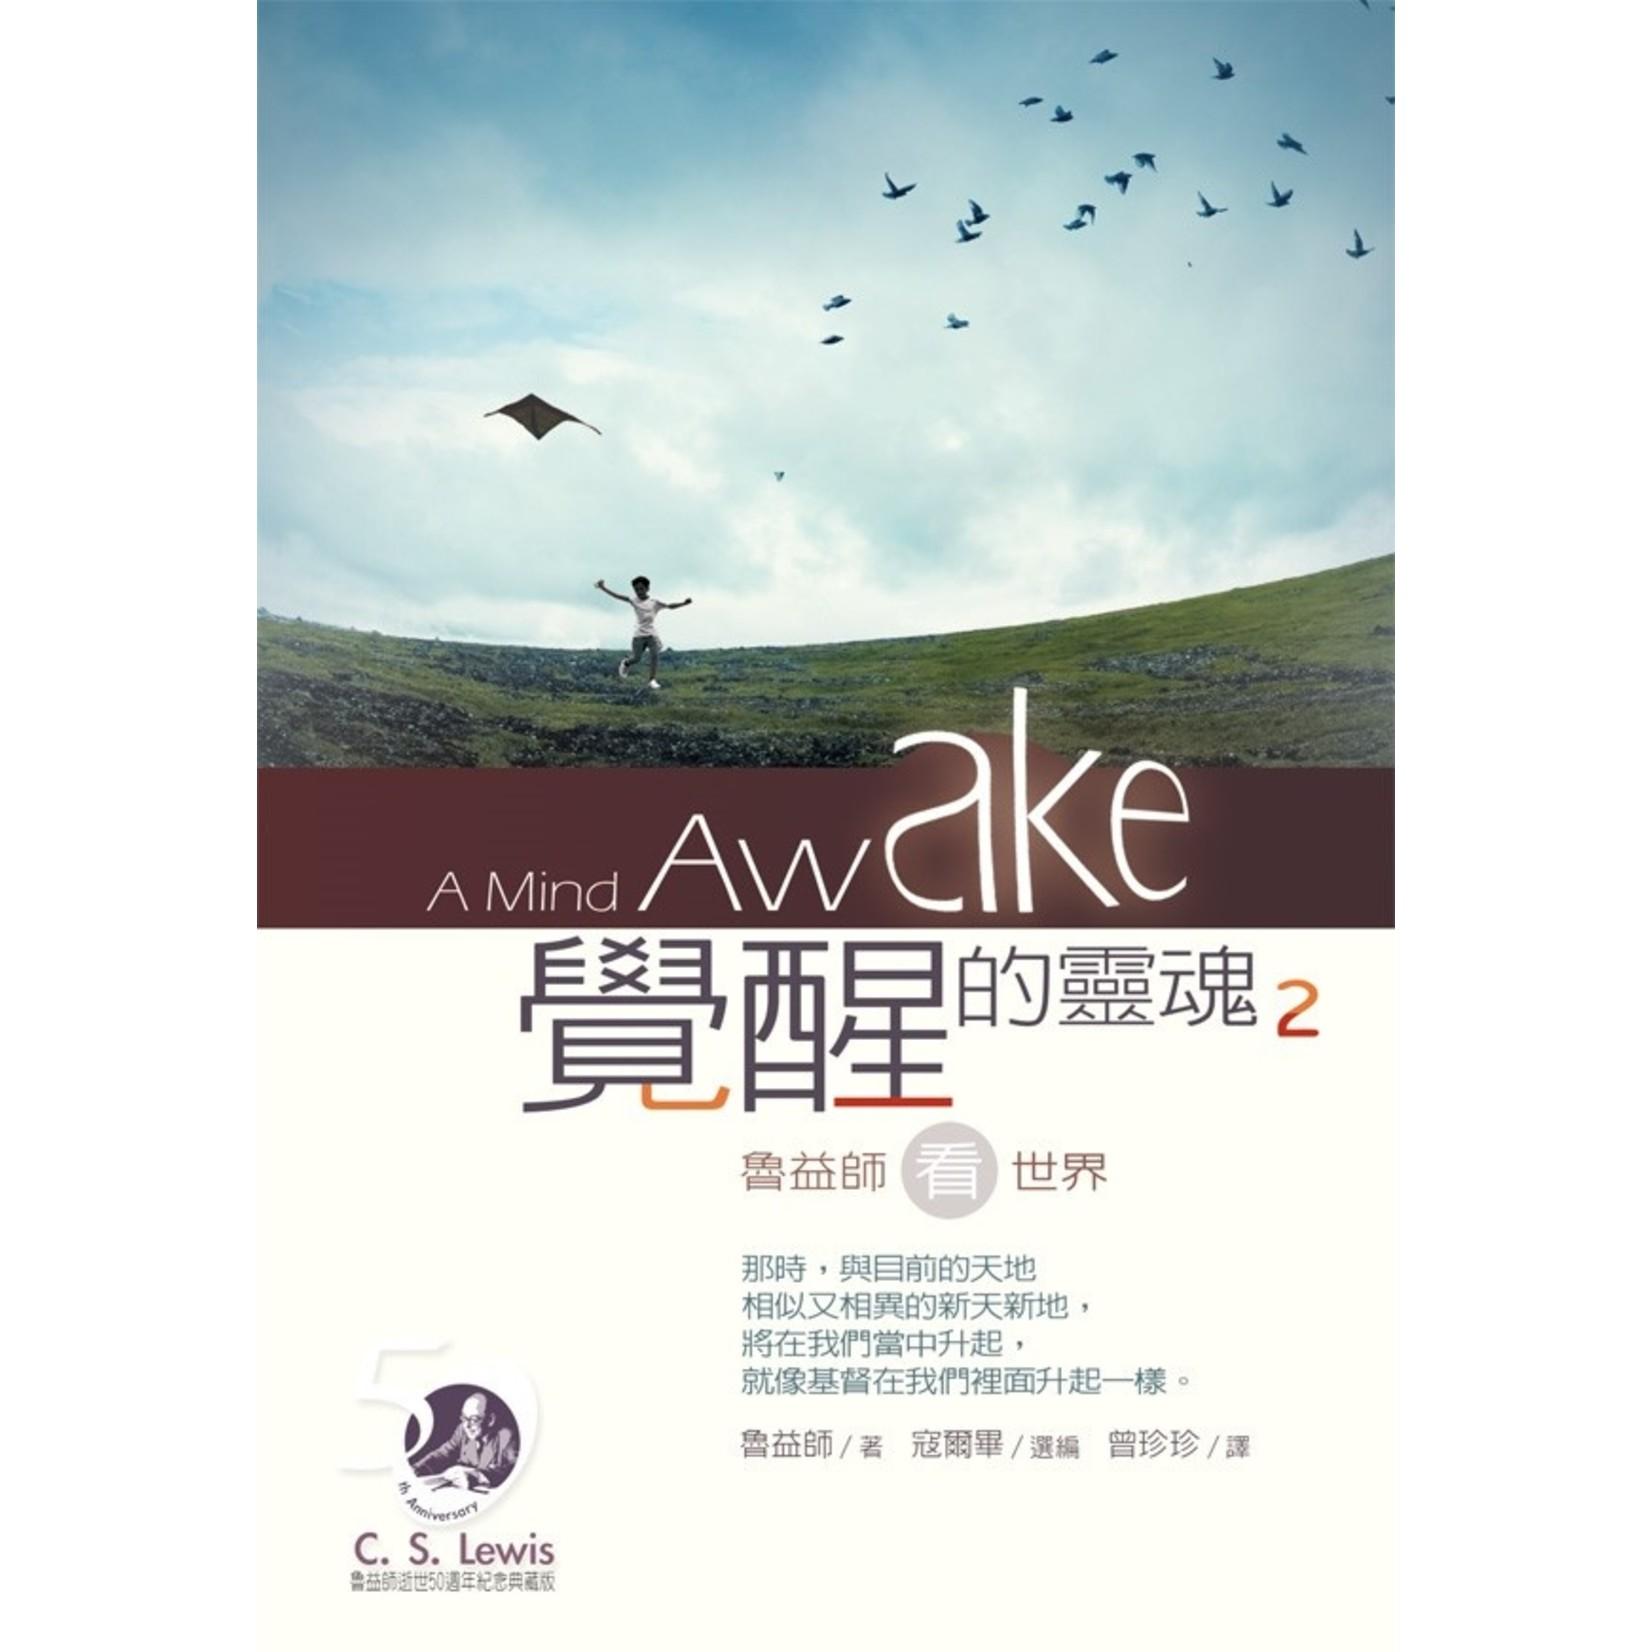 校園書房 Campus Books 覺醒的靈魂2:魯益師看世界 A Mind Awake